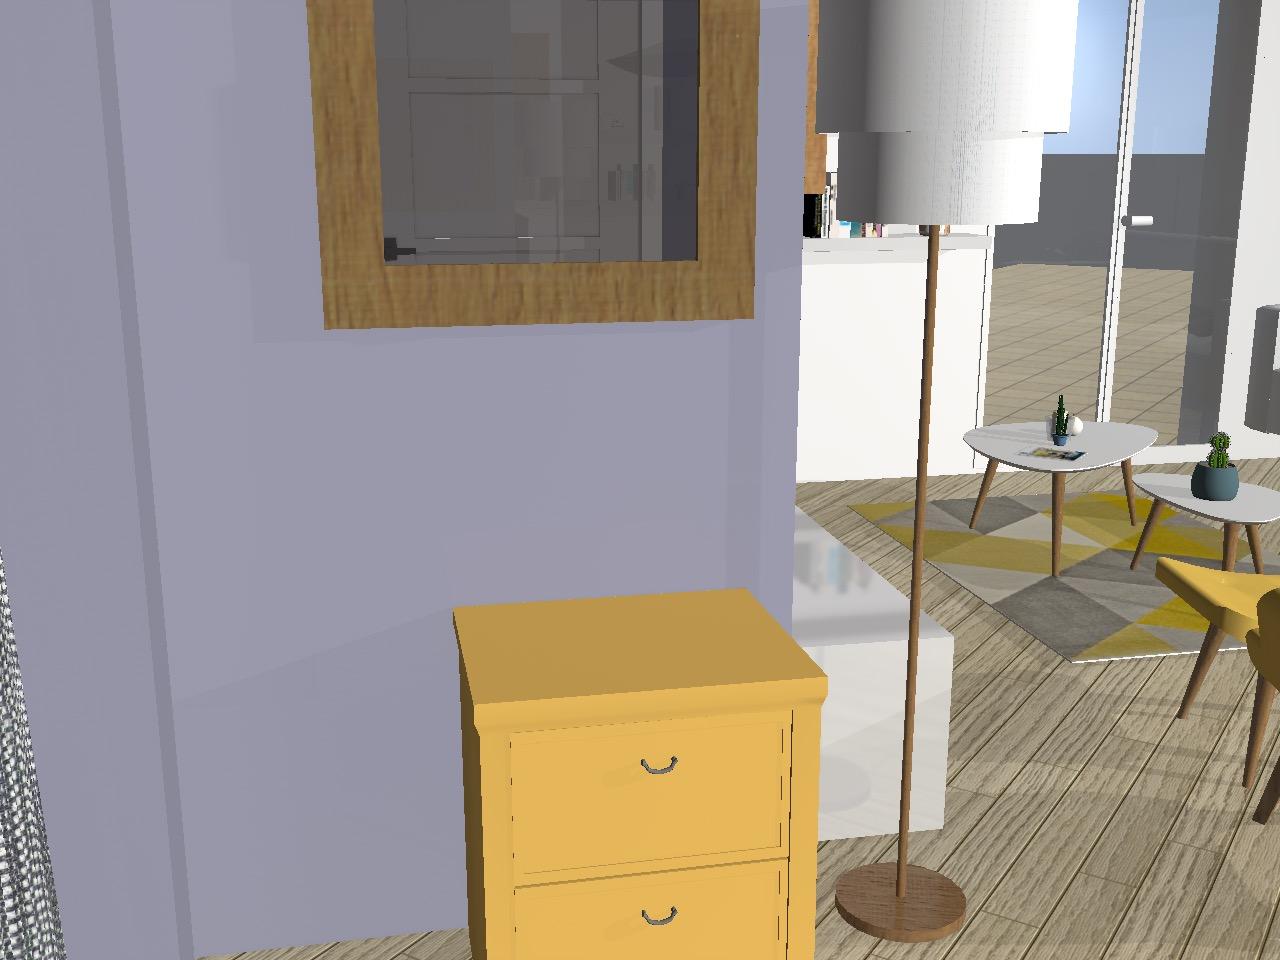 entree-villa-vailhauques-renovation-latelierdelisa